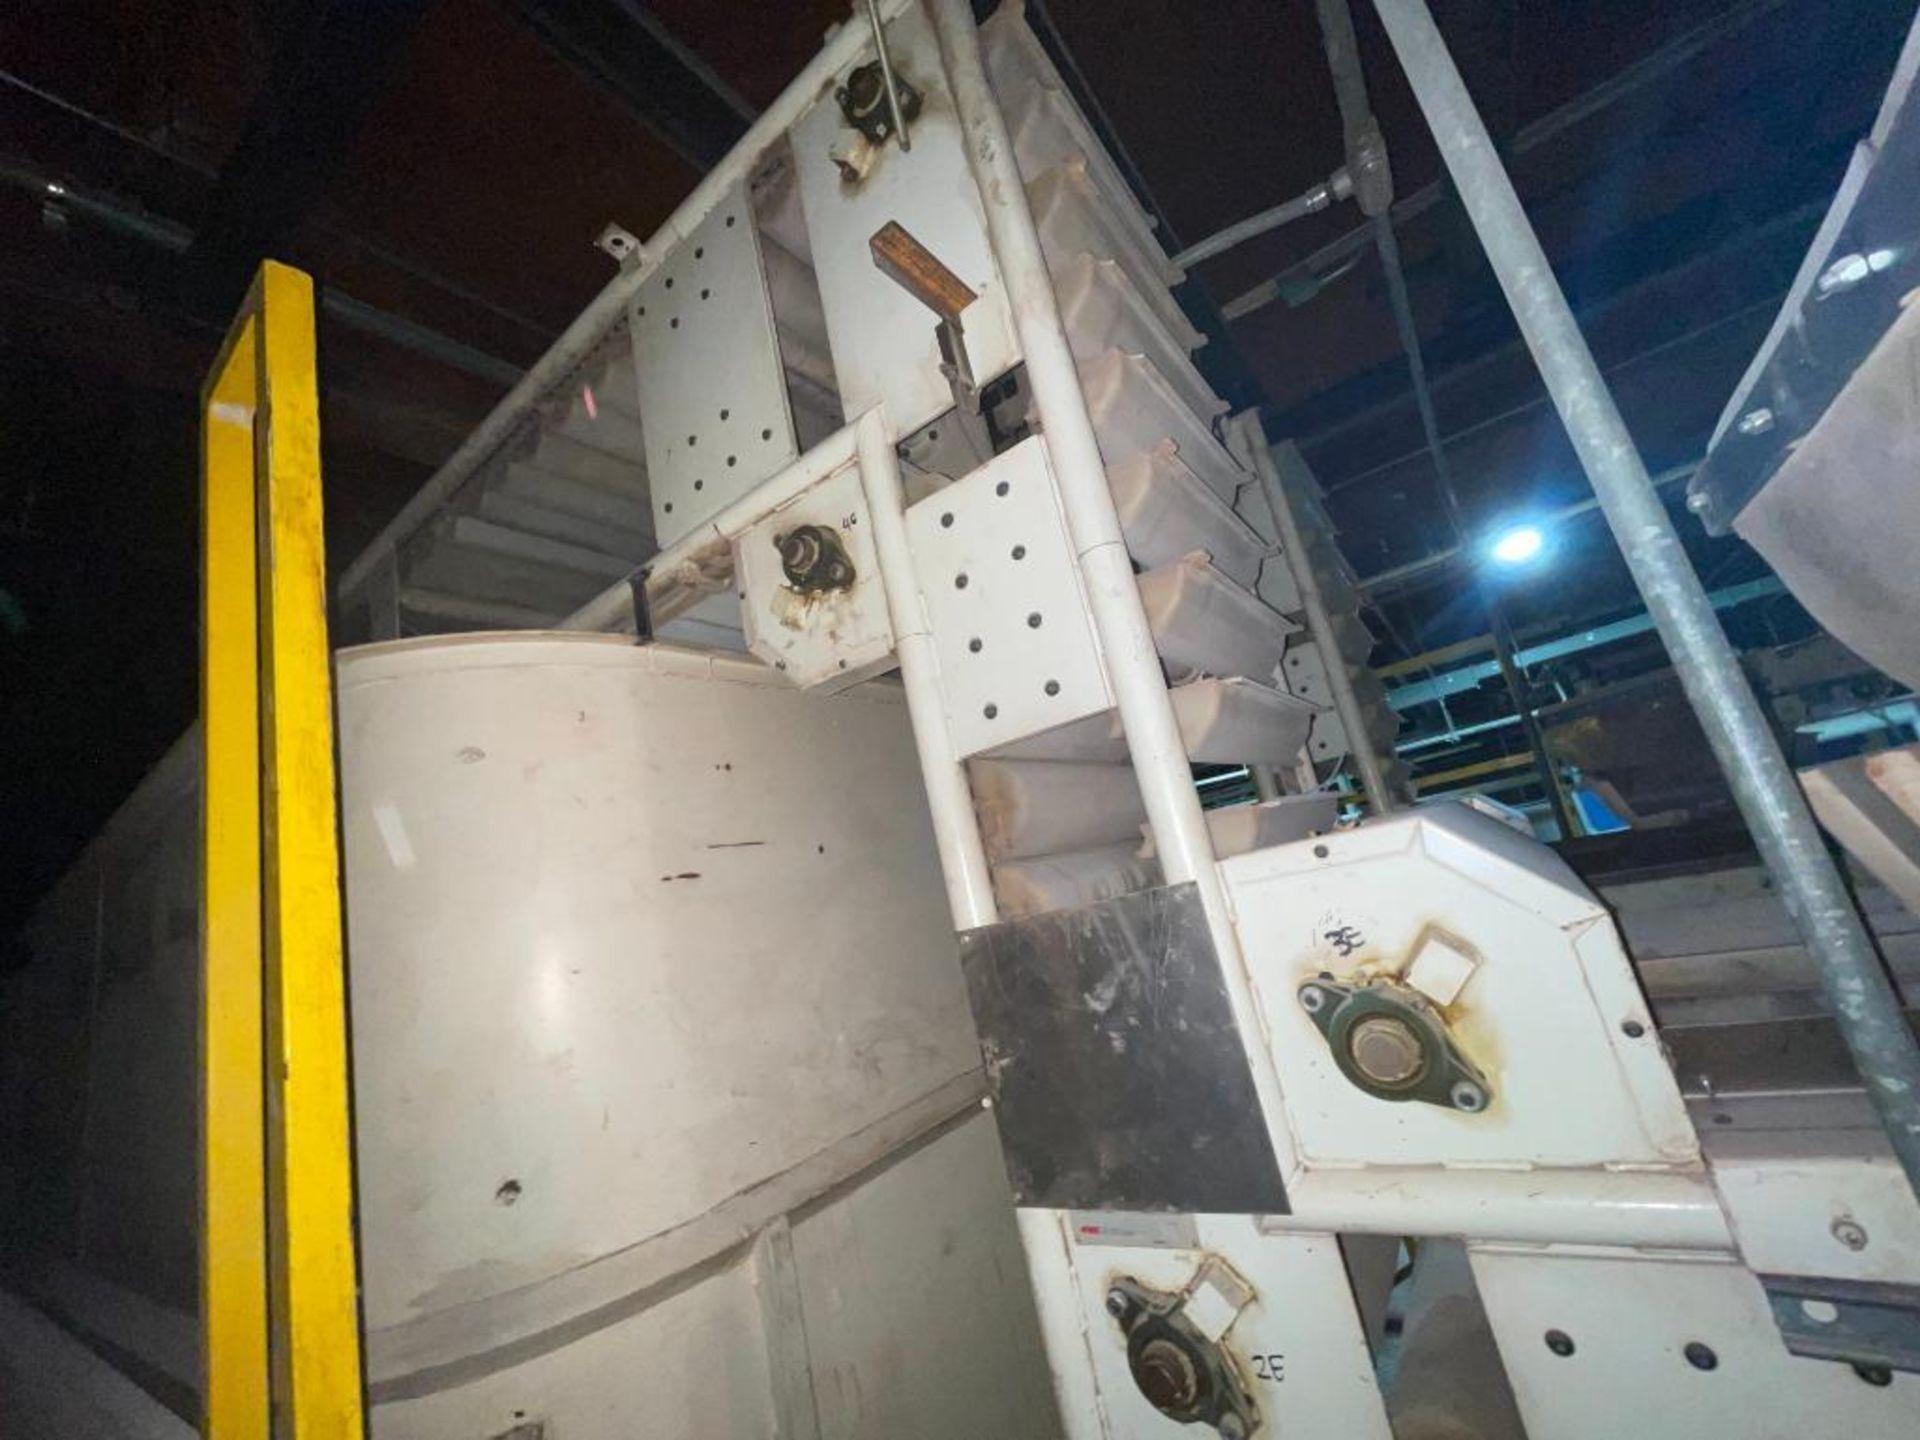 Aseeco horizontal overlapping bucket elevator - Image 7 of 10